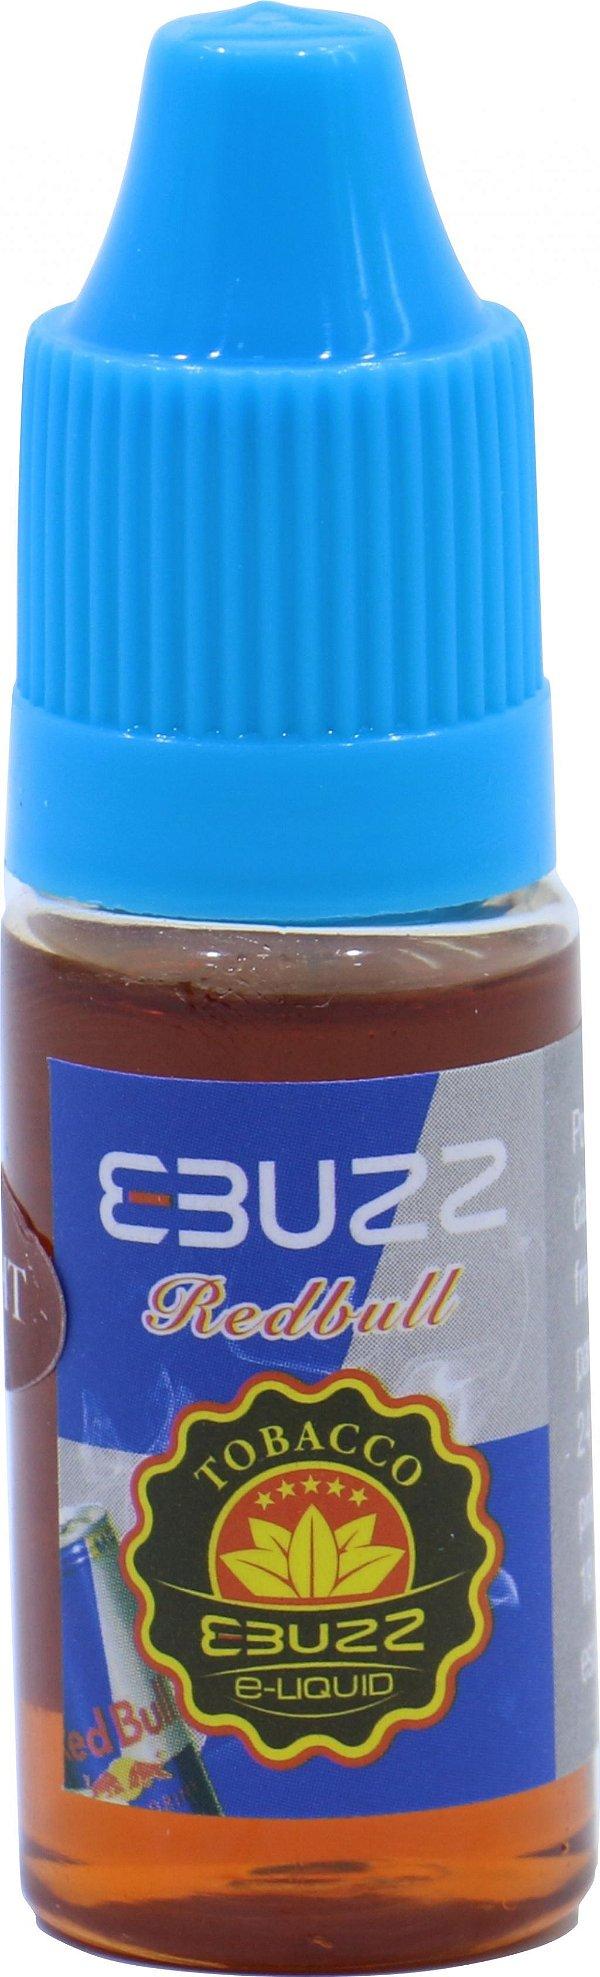 E-BUZZ E-LIQUID RED BULL 10ML LIGHT NICOTINA - SAHARA